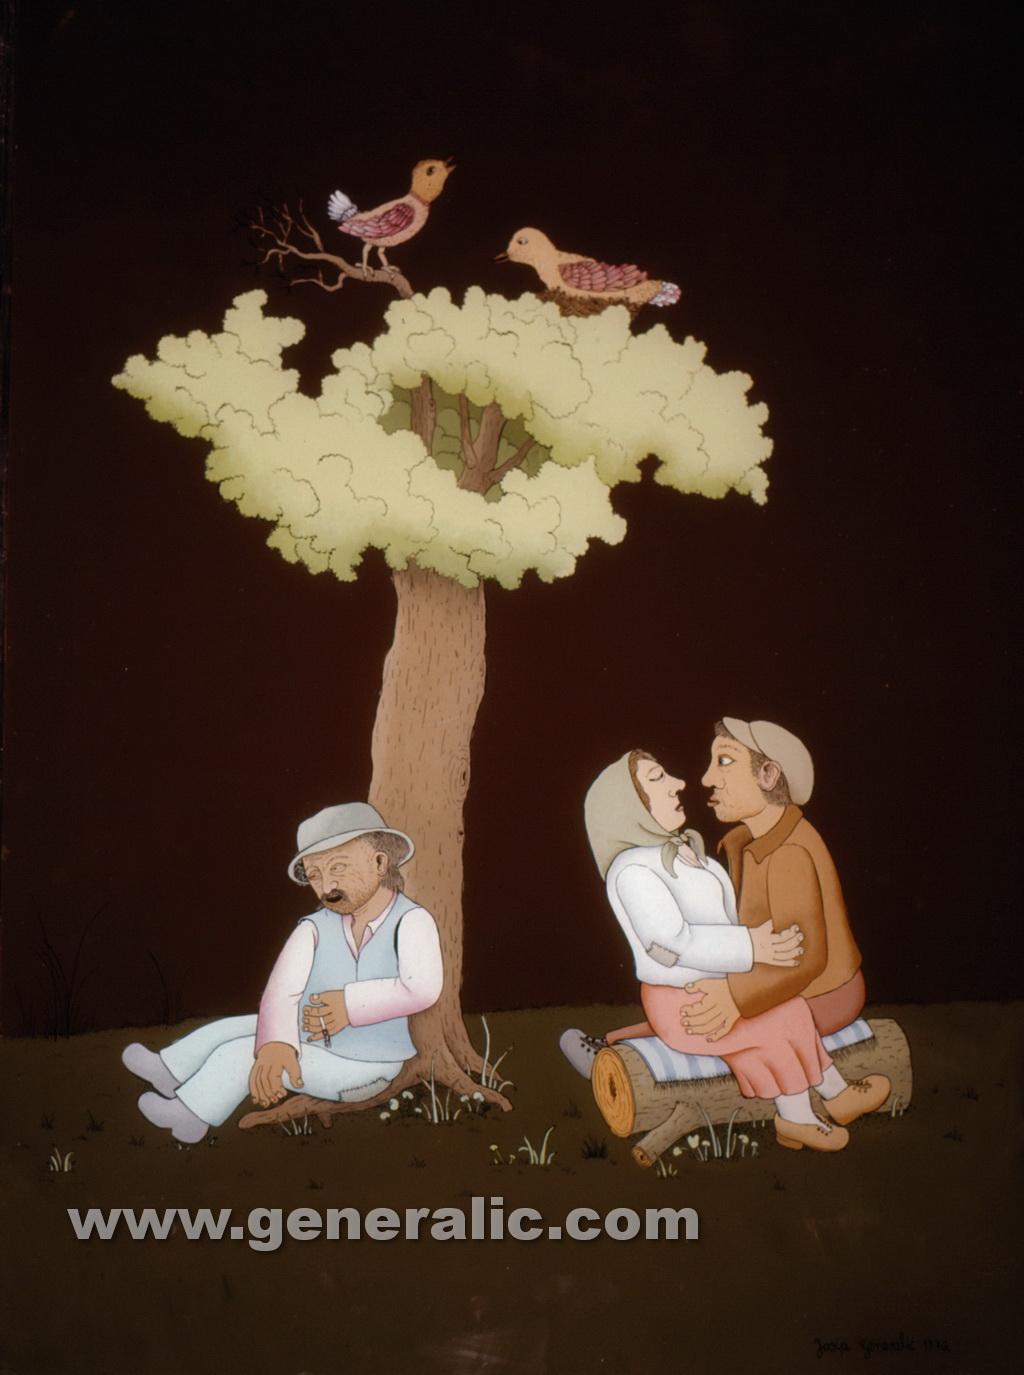 Josip Generalic, 1976, Love under a tree, oil on glass